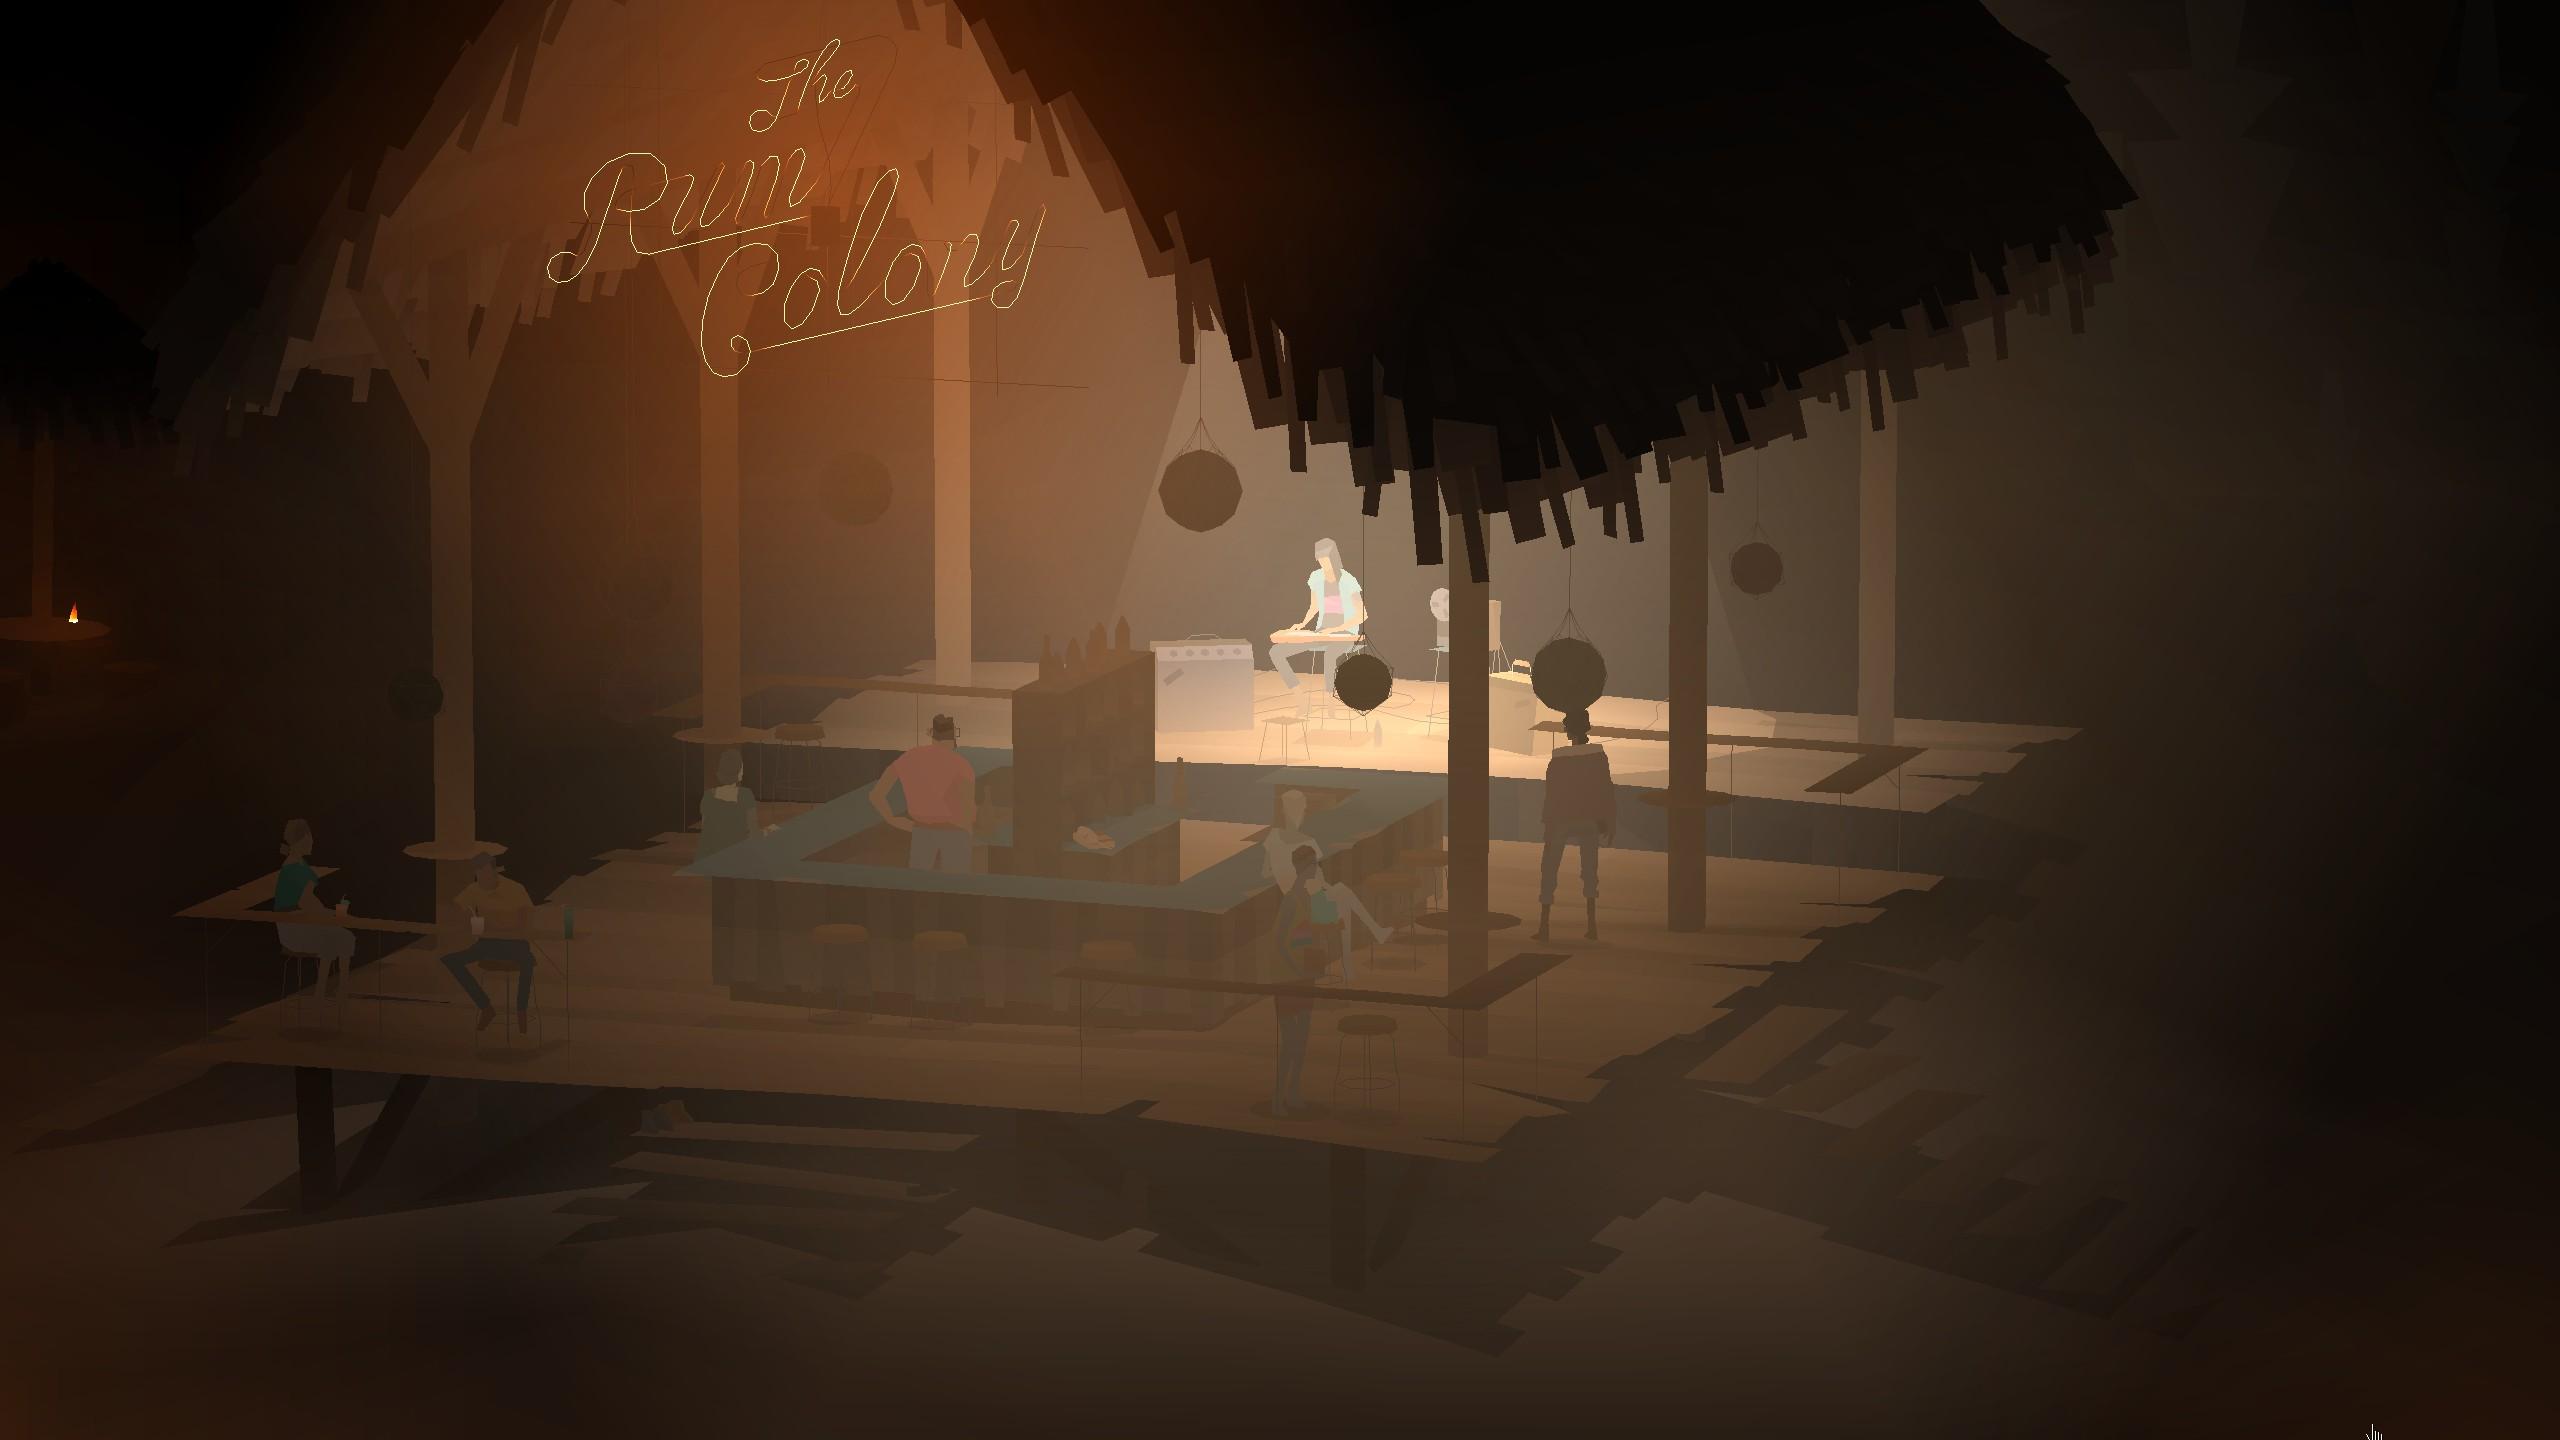 The Rum Colony